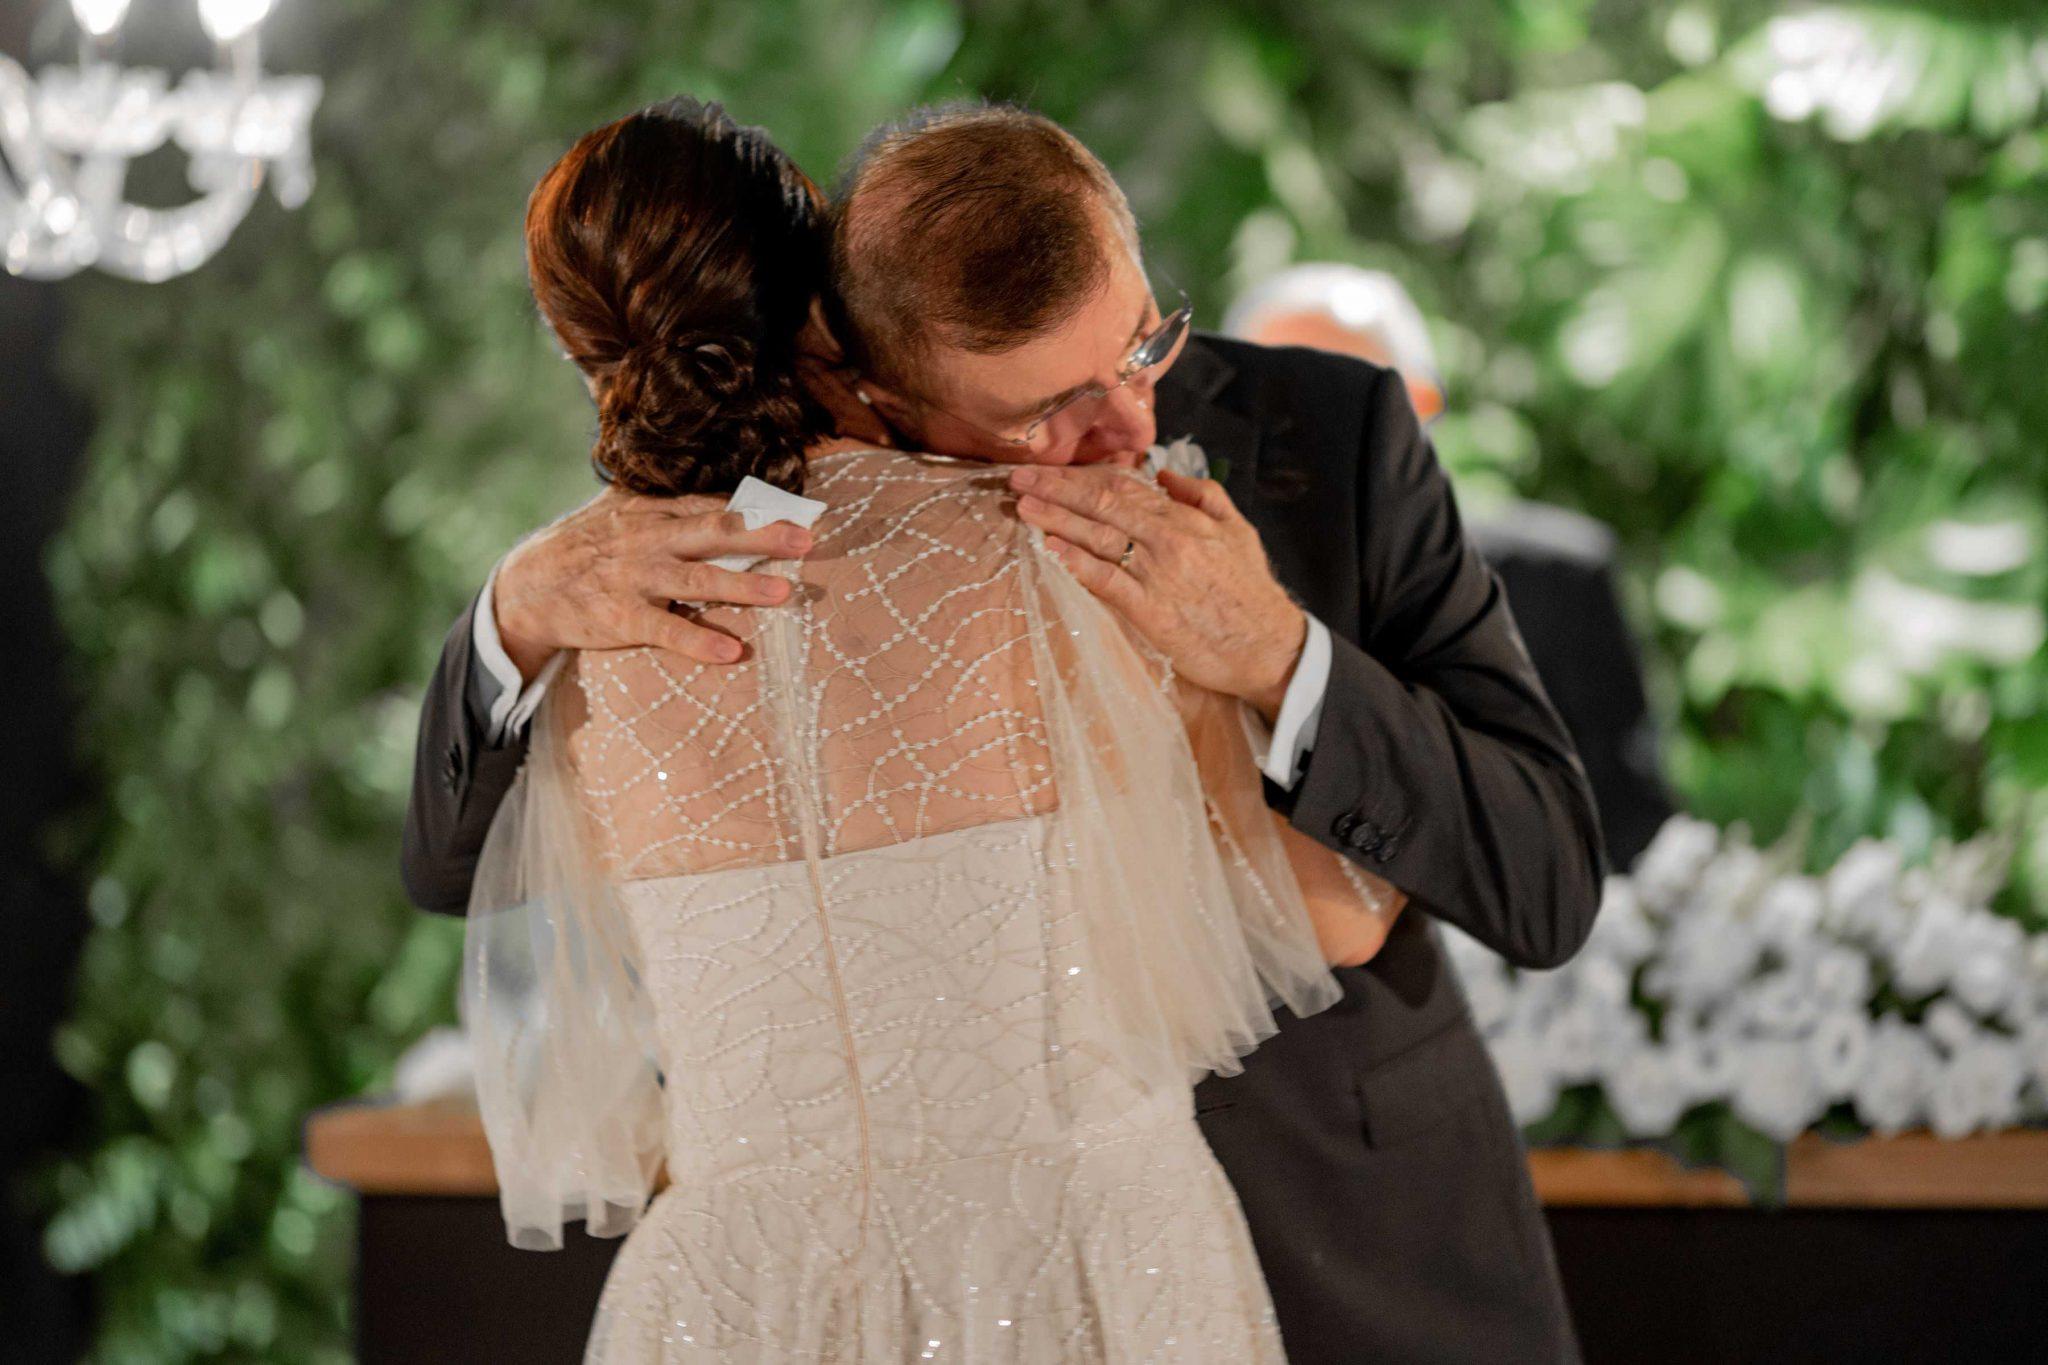 Filhos realizam o sonho da mãe e organizam cerimônia de casamento dos pais 40 anos após a união 3